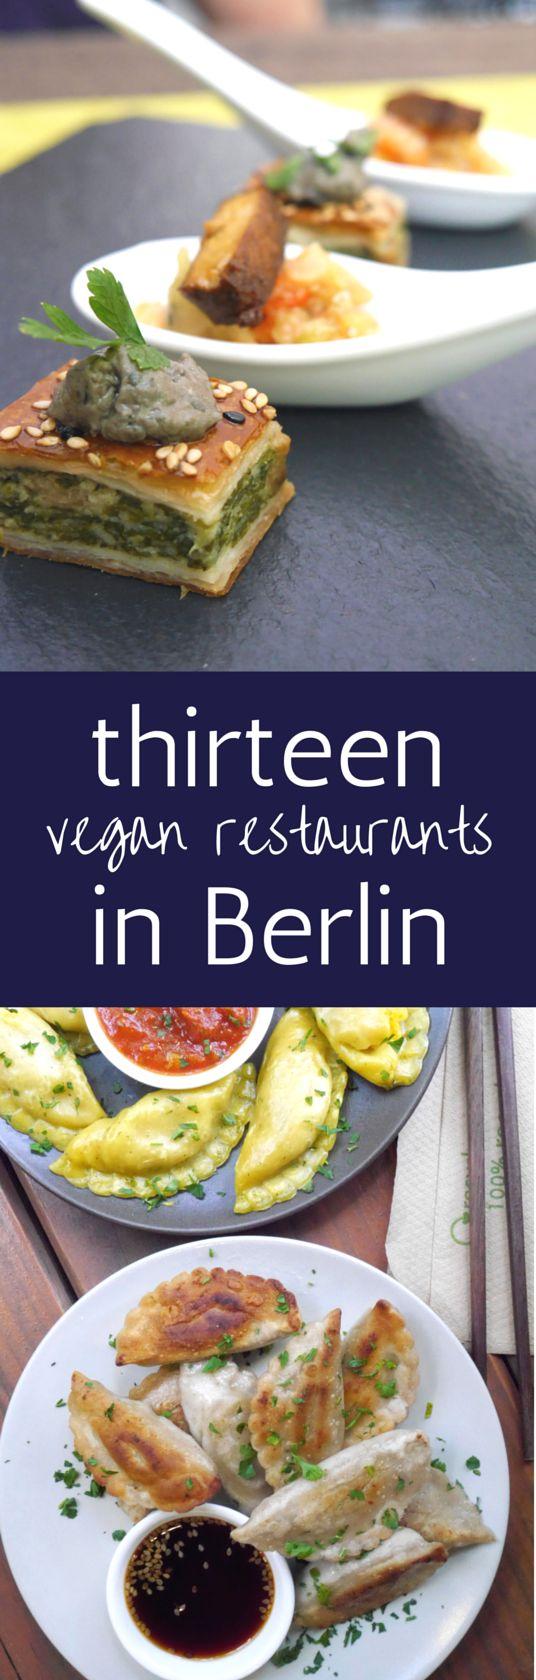 13 FANTASTISCH Vegan Restaurants in Berlin Not To Miss